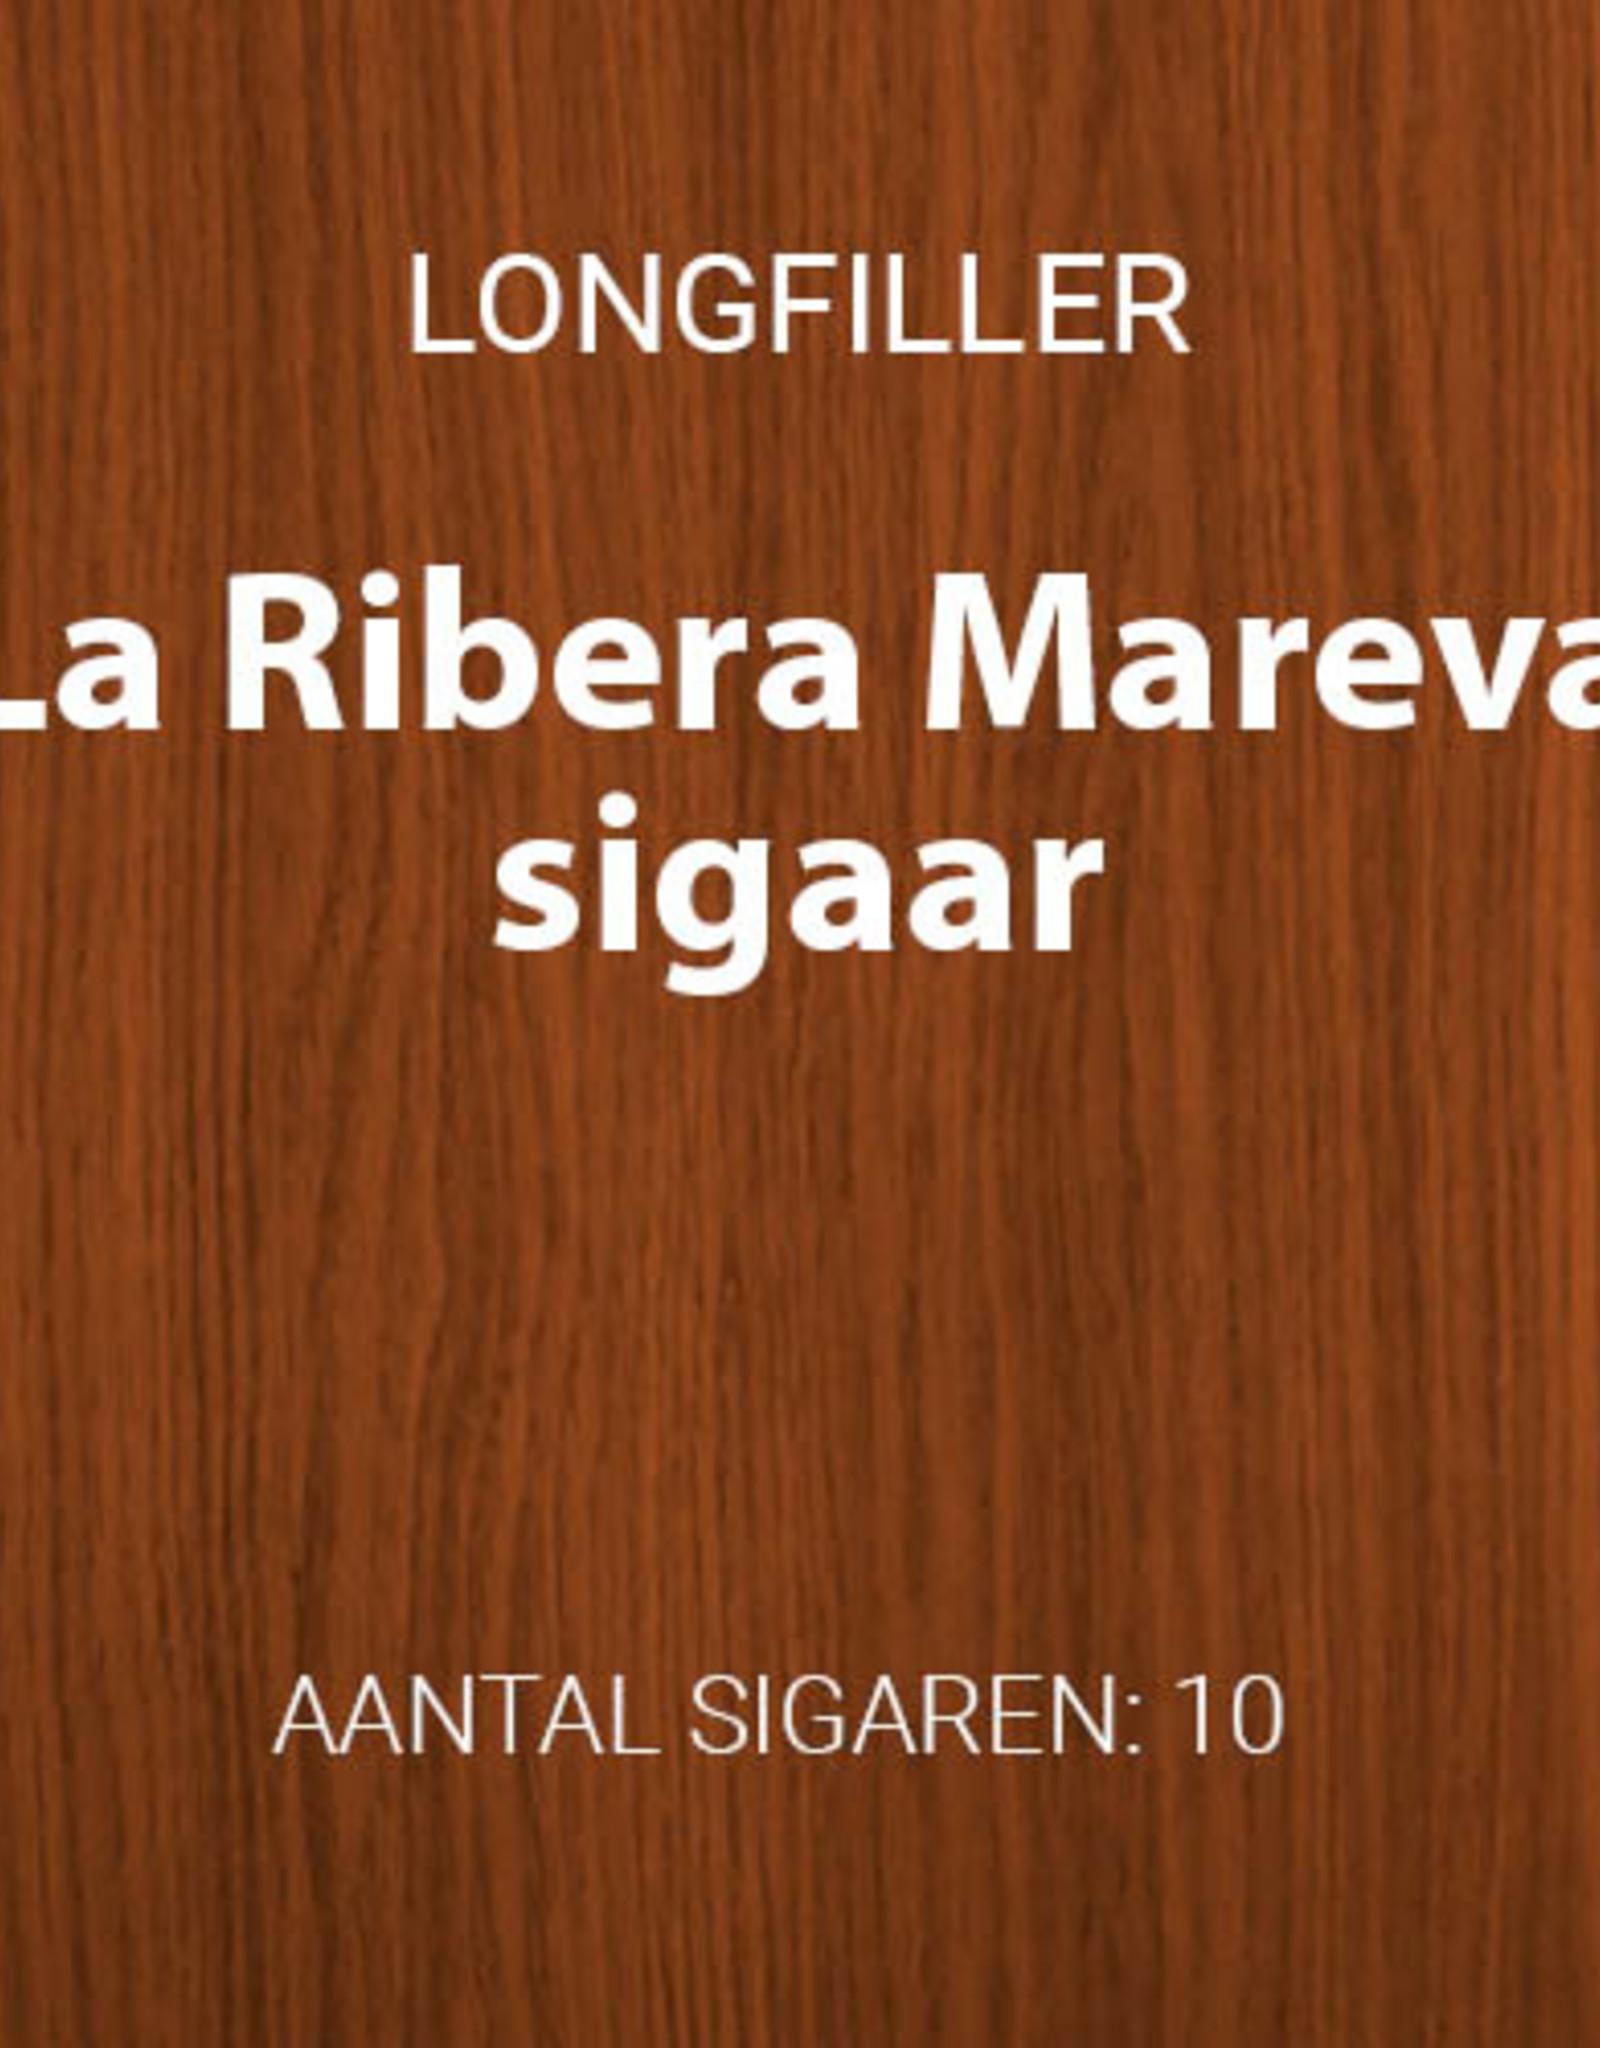 La Ribera La Ribera Mareva 10 stuks